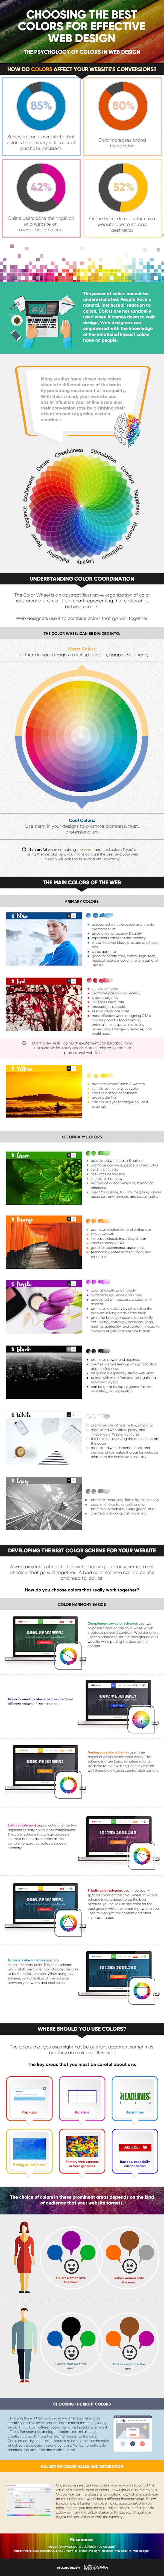 psicología del color y como aplicarla en el diseño web